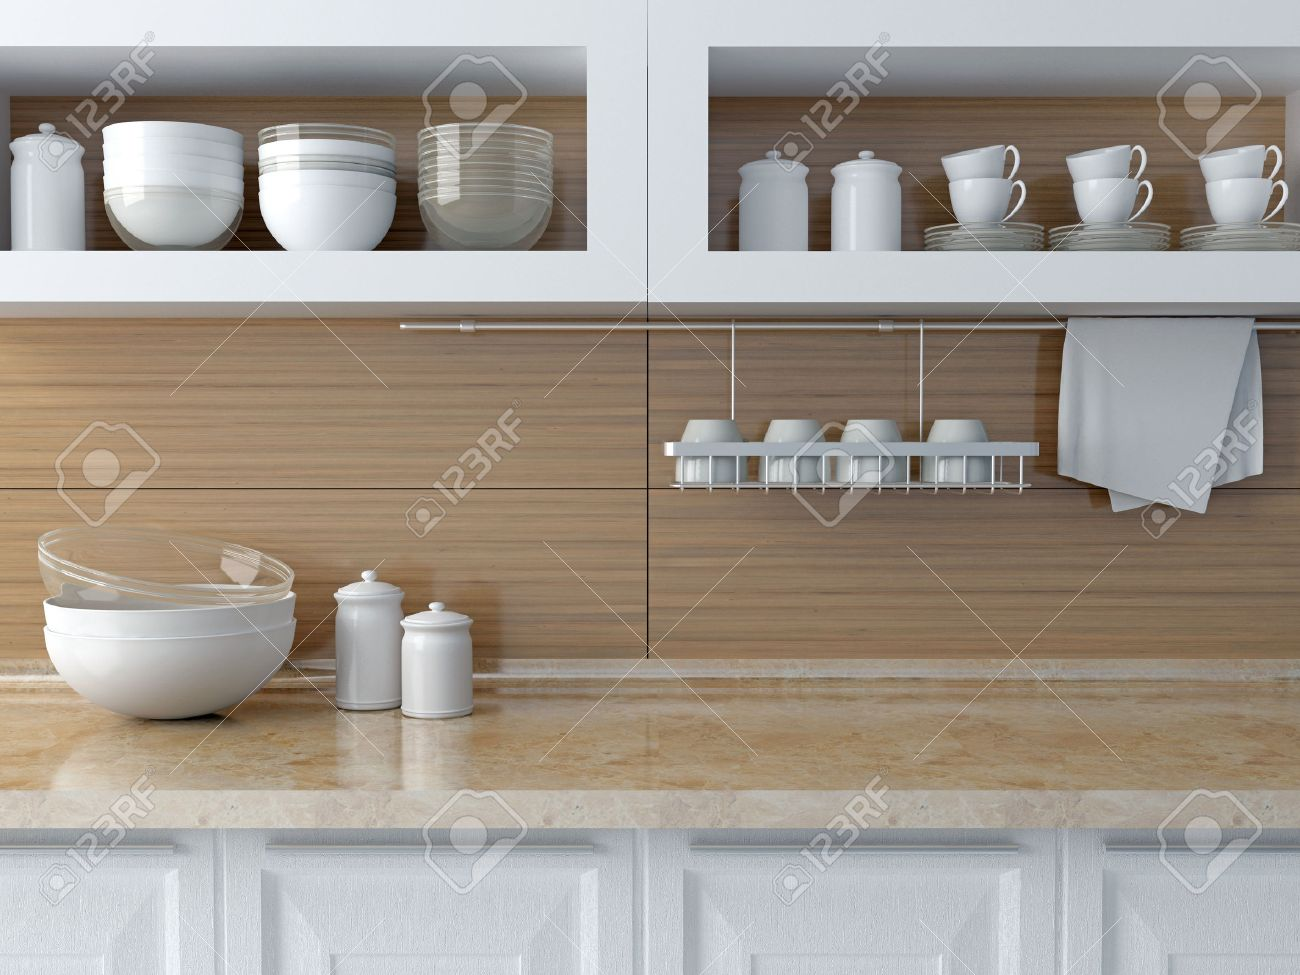 Moderne Küche Design. Weiße Keramik Geschirr Auf Dem Marmor ...